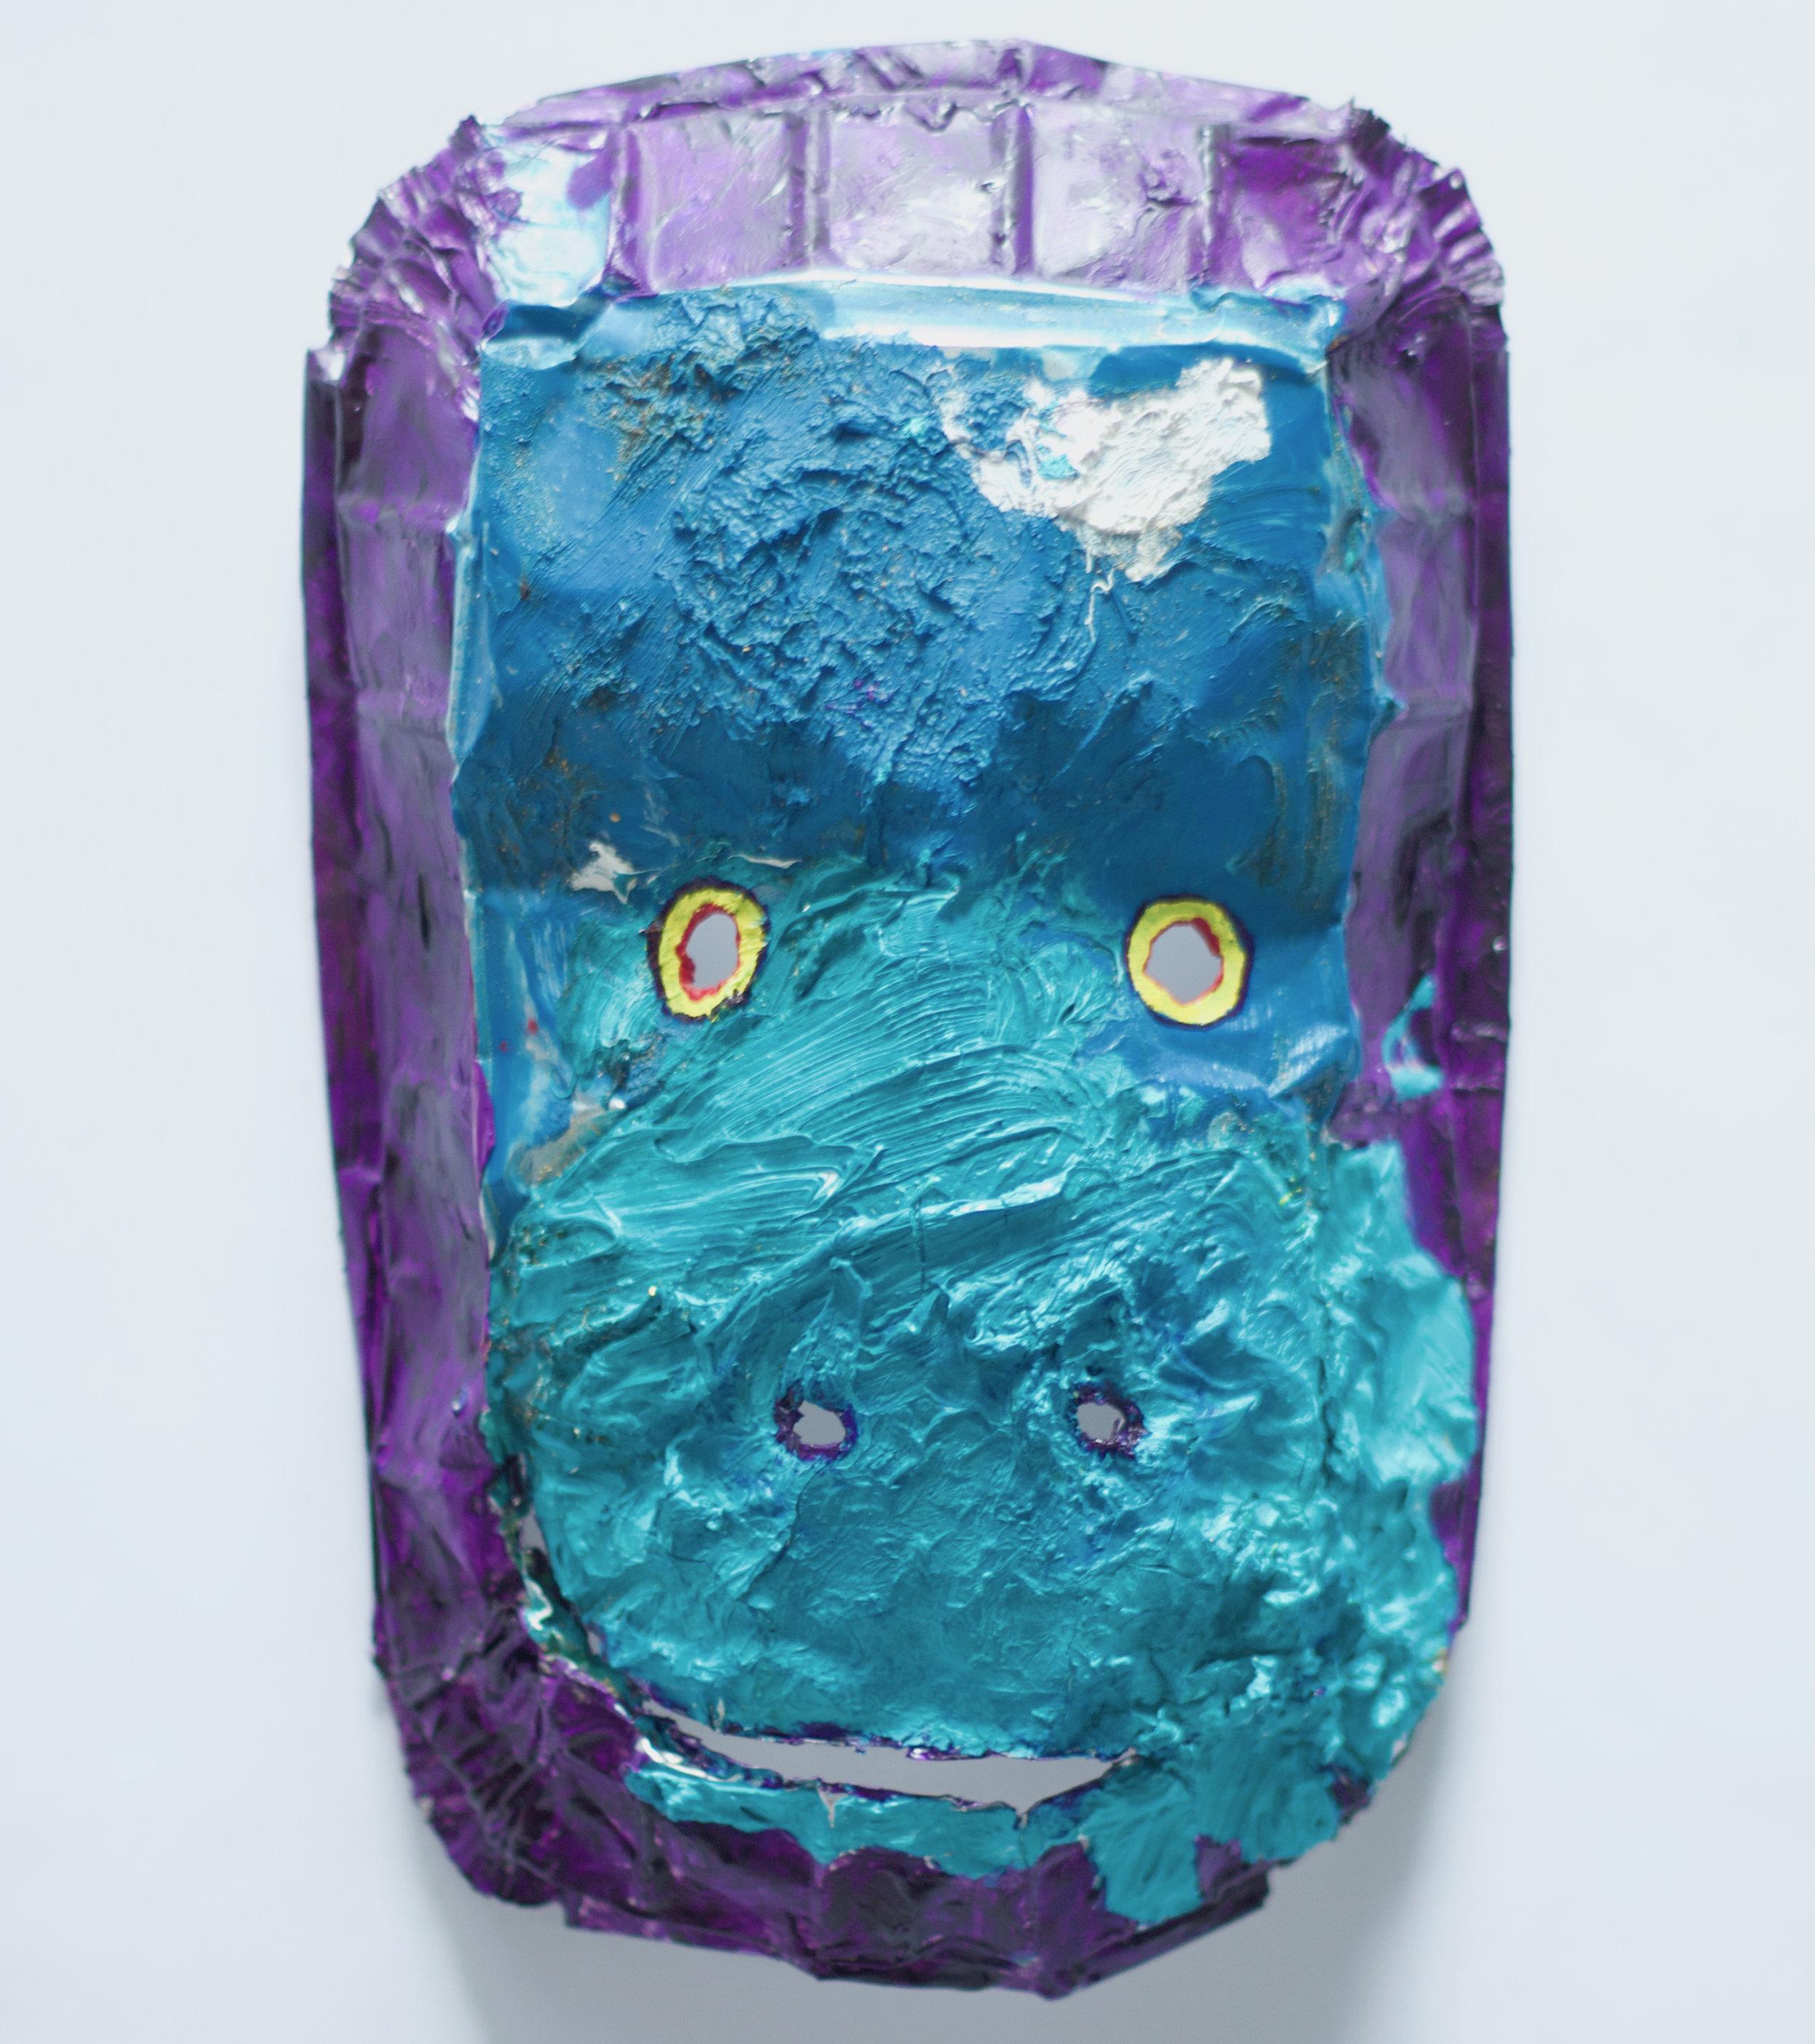 Painters Palette Blue Gorilla Mask